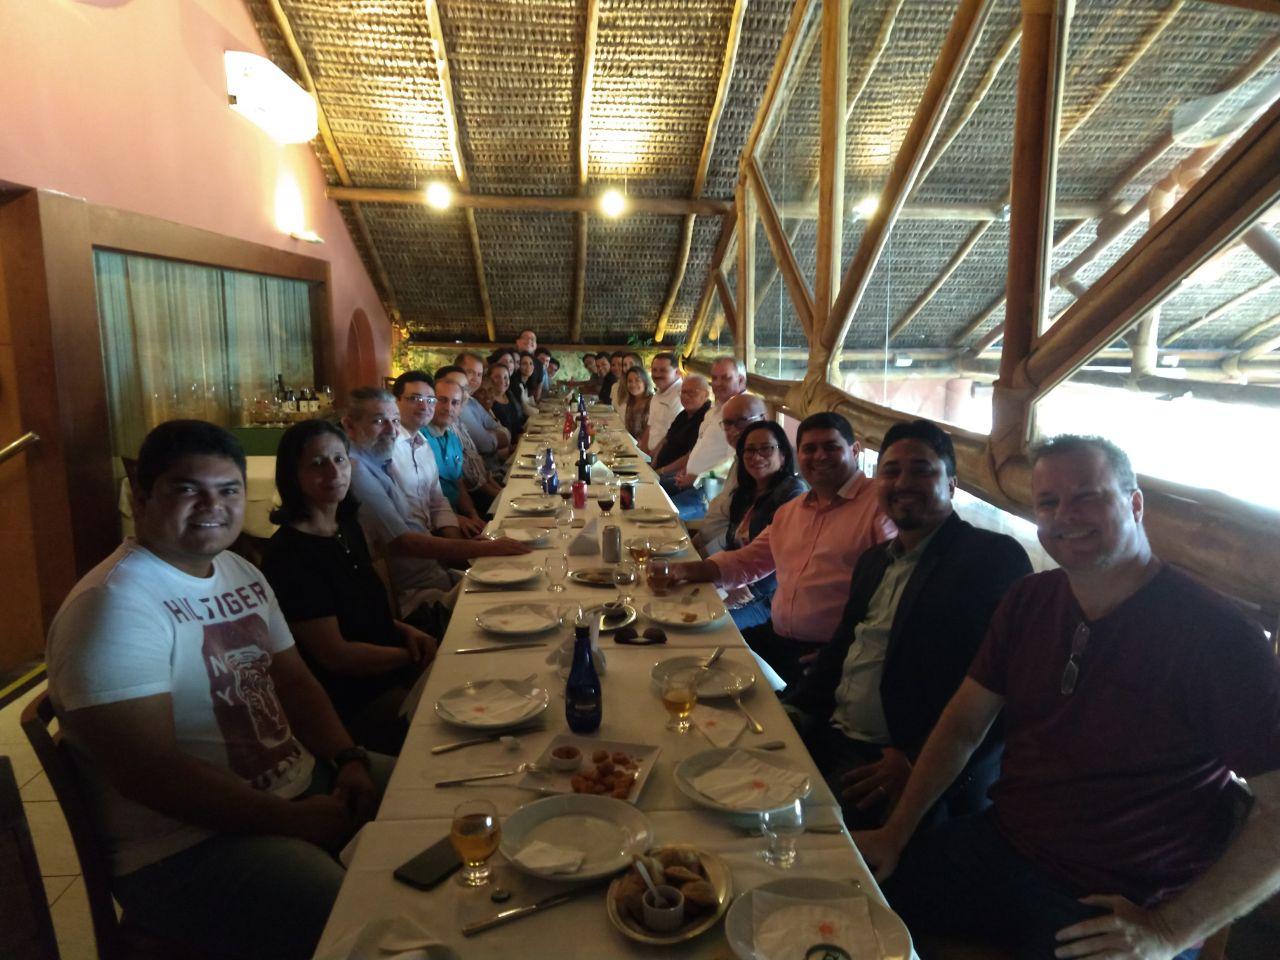 Diretores da Assembleia Legislativa reúnem-se em almoço de boas-vindas